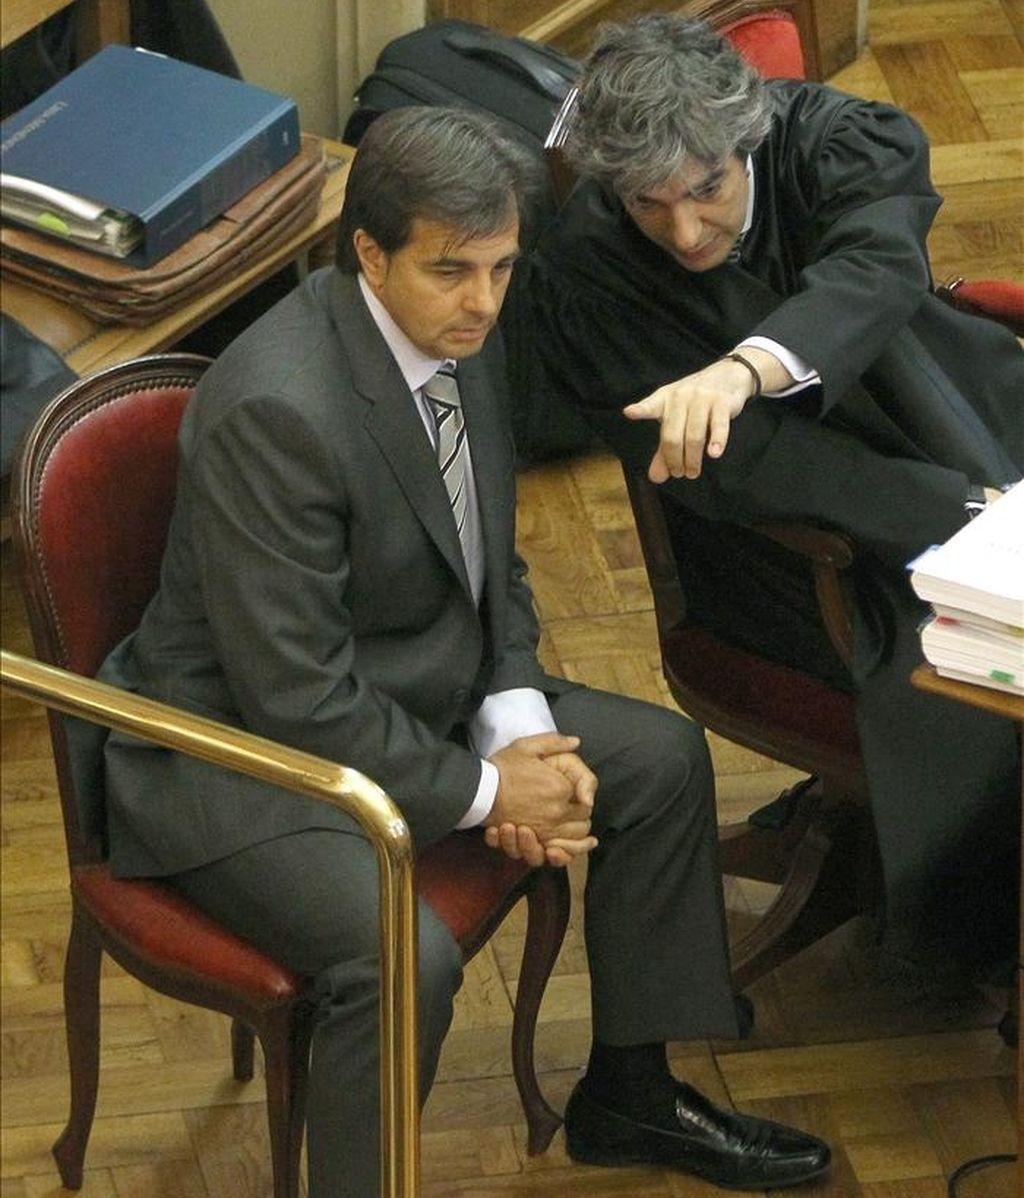 El yerno y jefe de seguridad de los joyeros Tous, Lluís Corominas (i), acusado de matar a un presunto ladrón conversa con su abogado durante el juicio. EFE